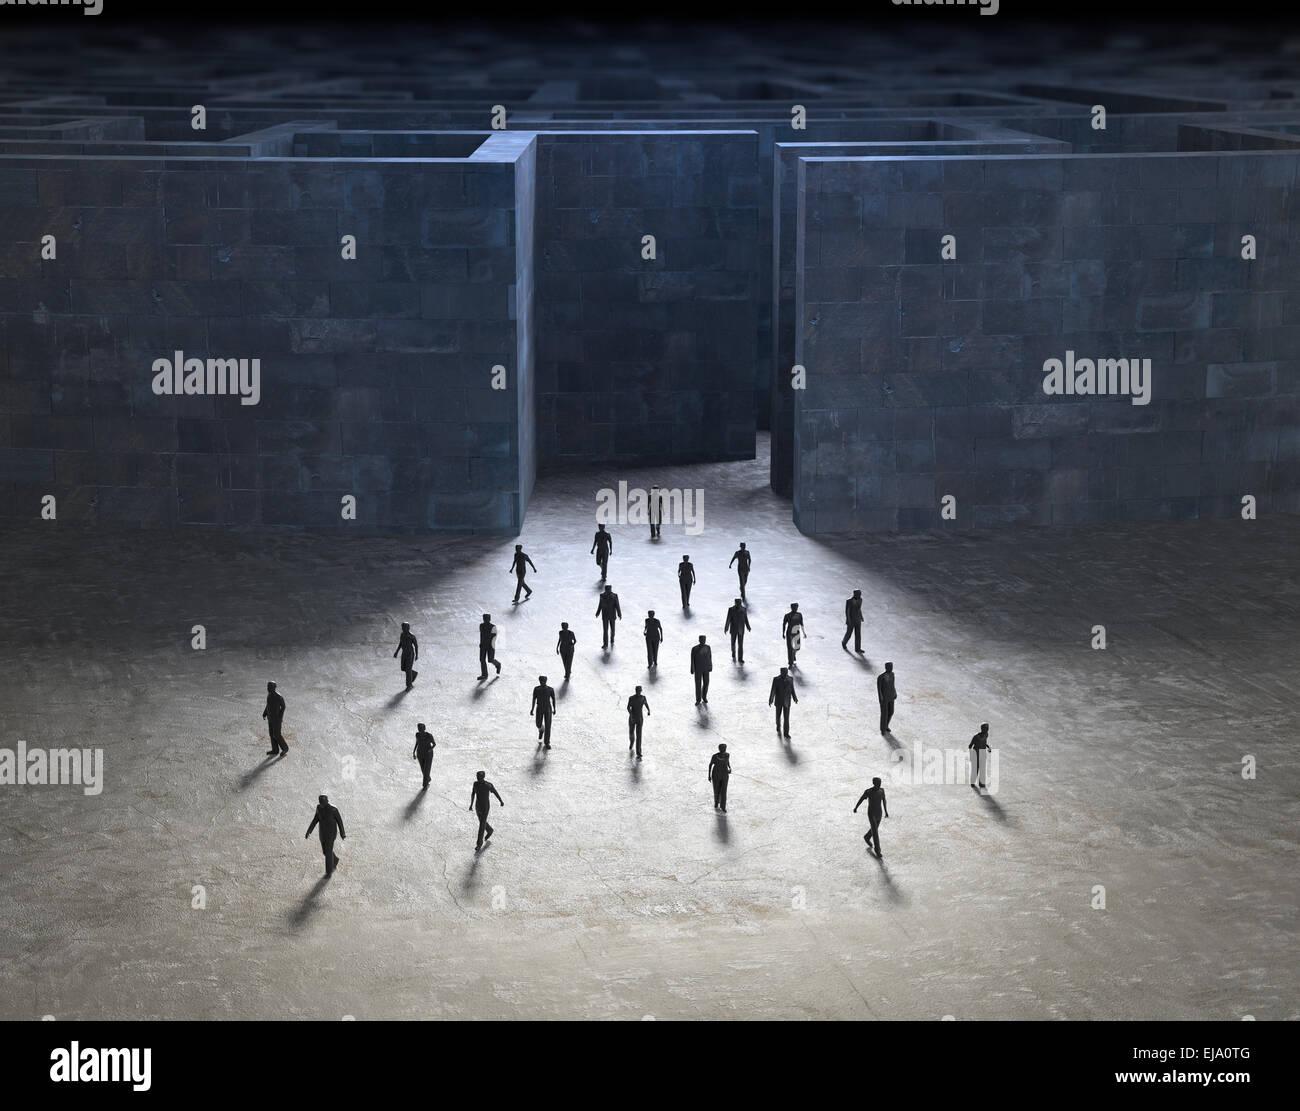 Les gens minuscules en sortant d'un labyrinthe mystérieux Photo Stock